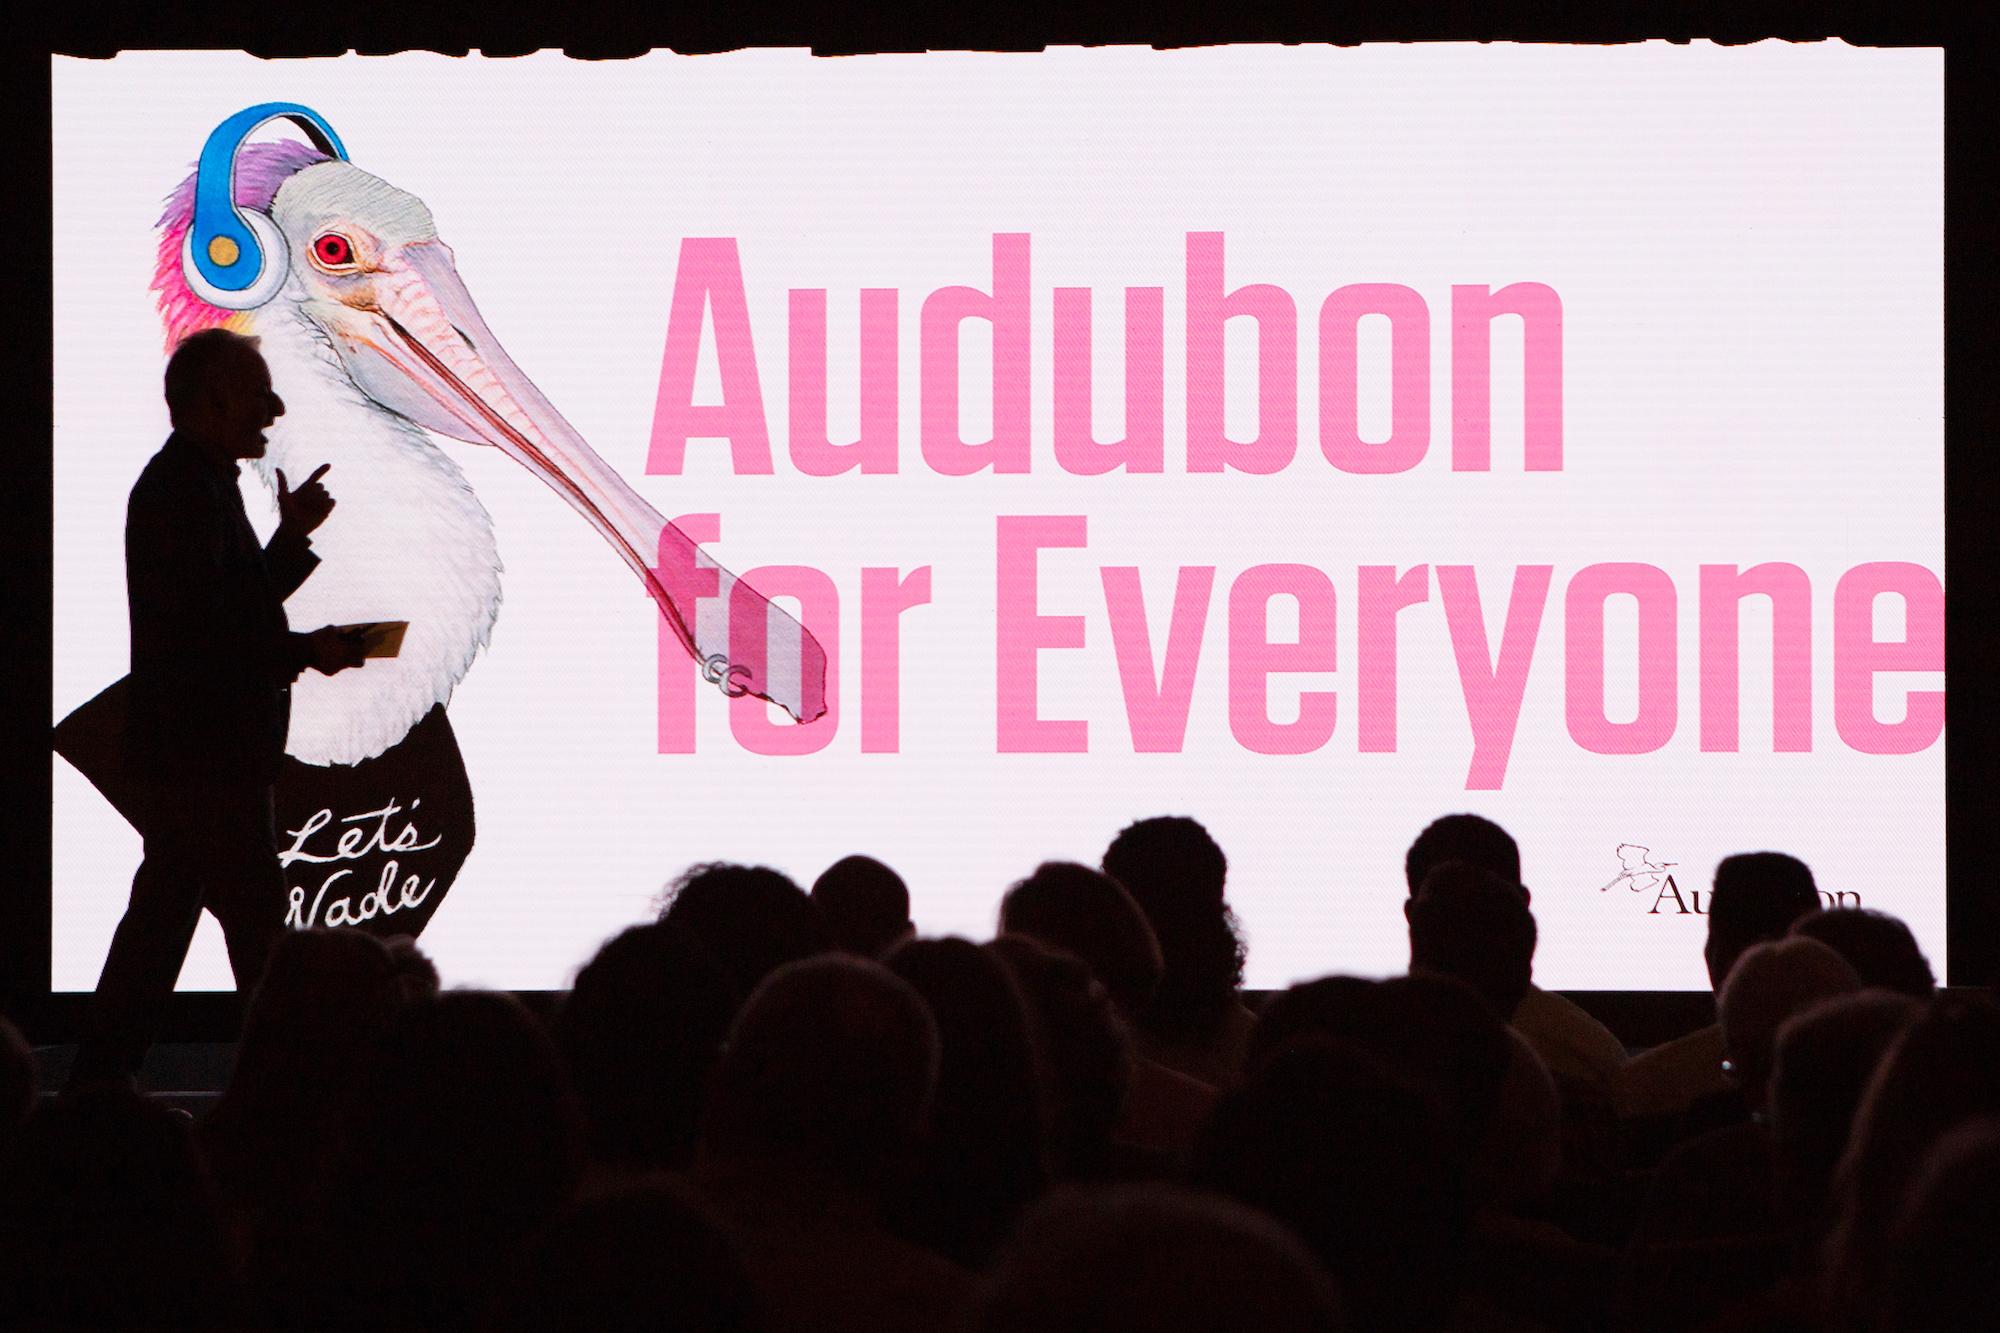 Audubon Convention